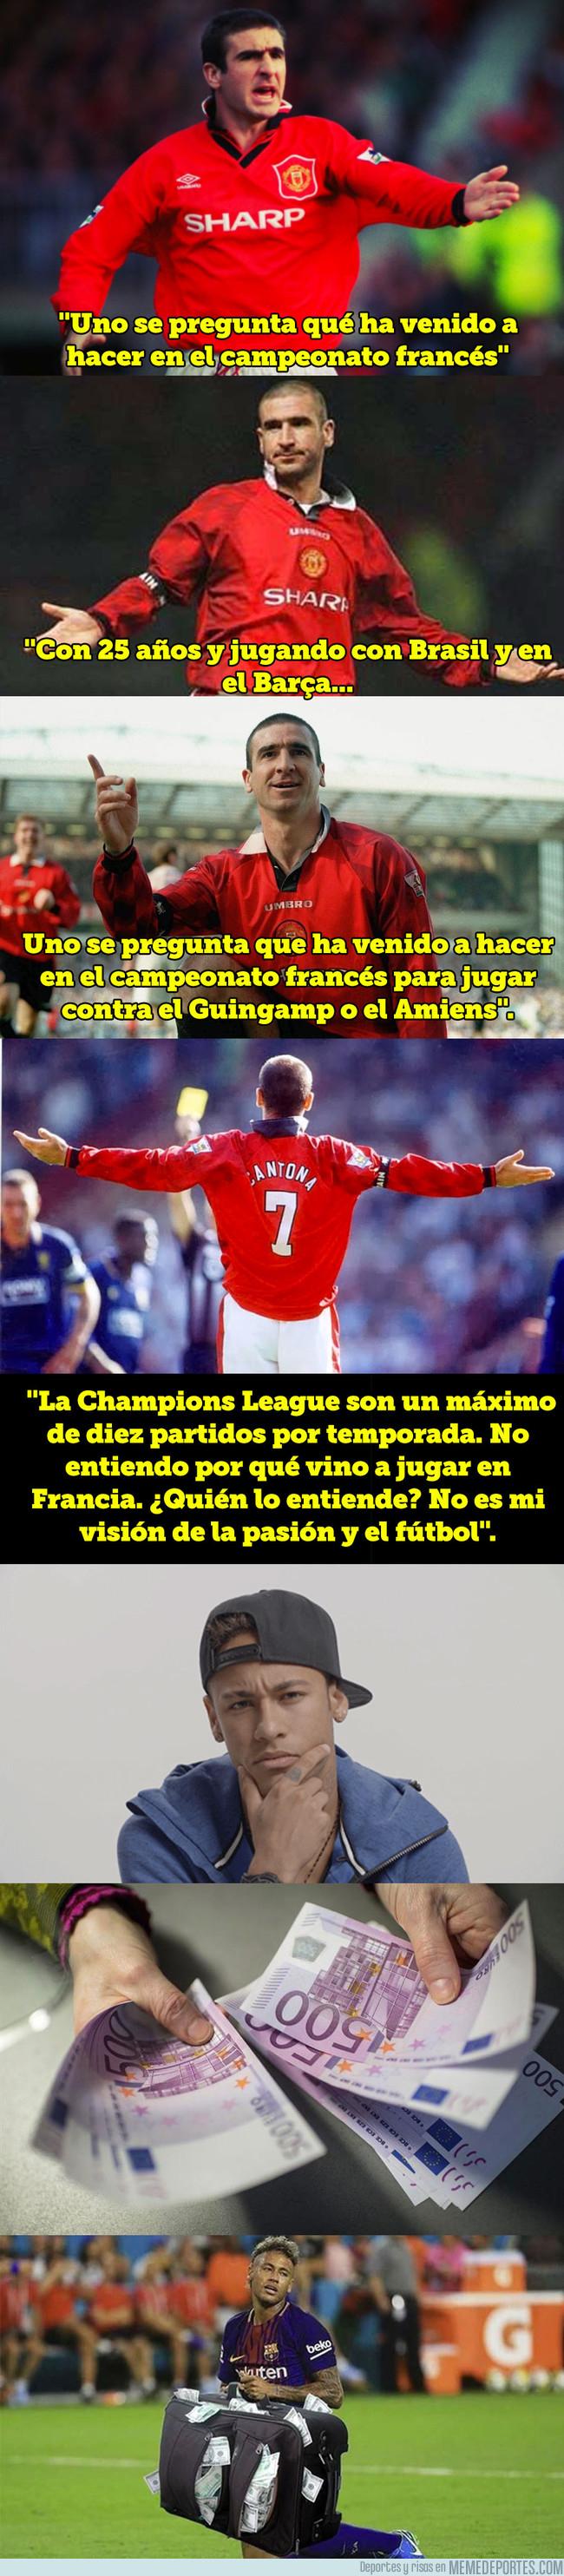 1007916 - El rajadón de Eric Cantona contra Neymar por su fichaje por el PSG